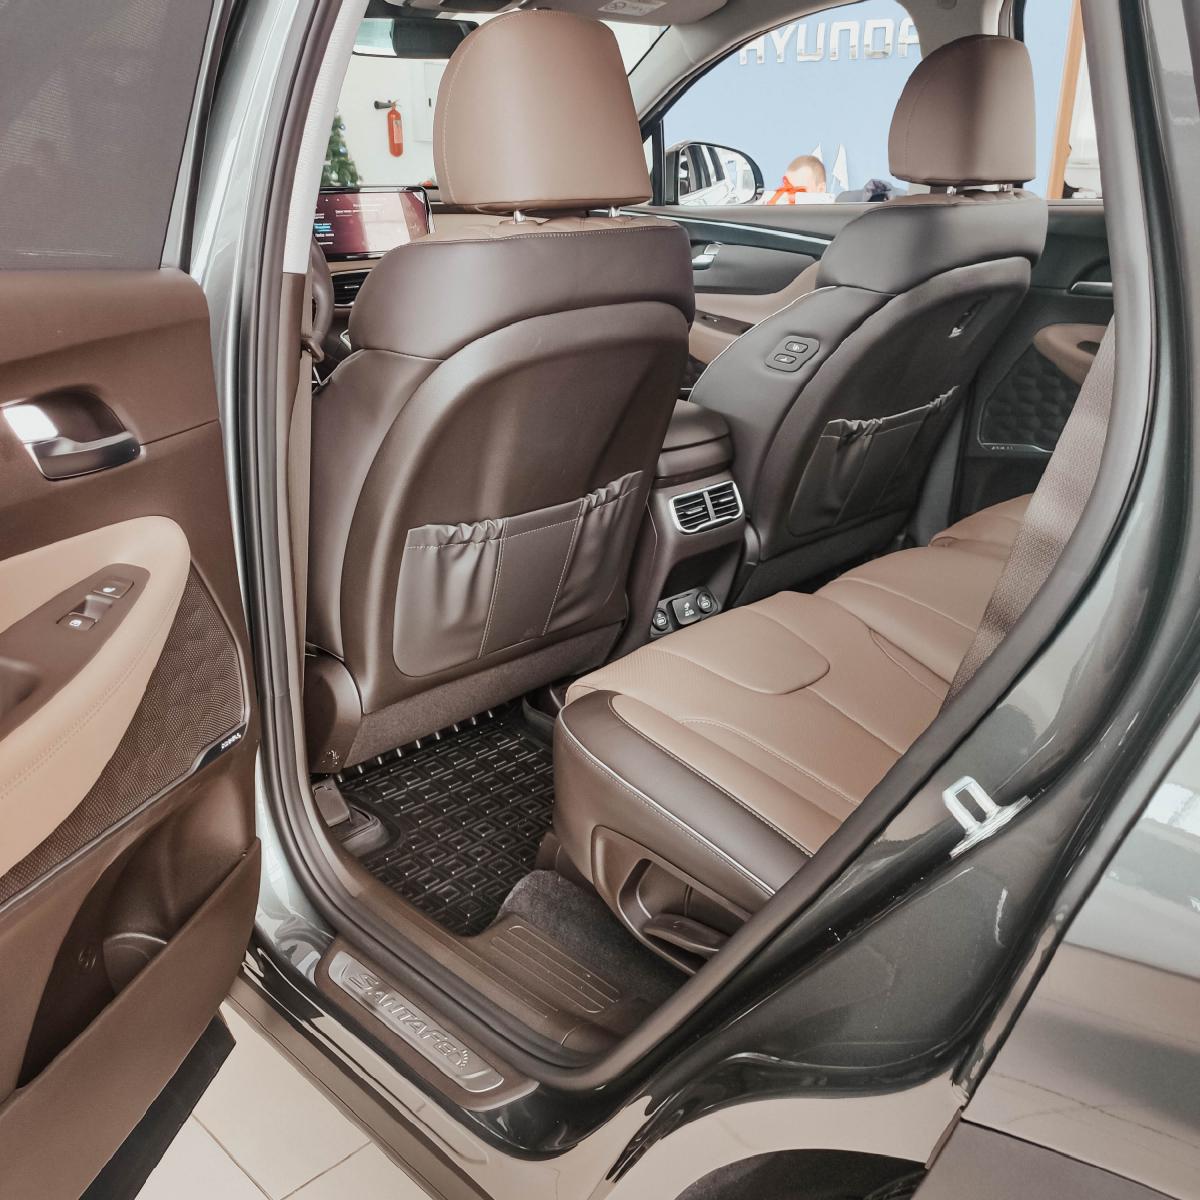 Якби комфорт і розкіш можна було б описати - це був би Hyundai Santa Fe!   Хюндай Мотор Україна - фото 12